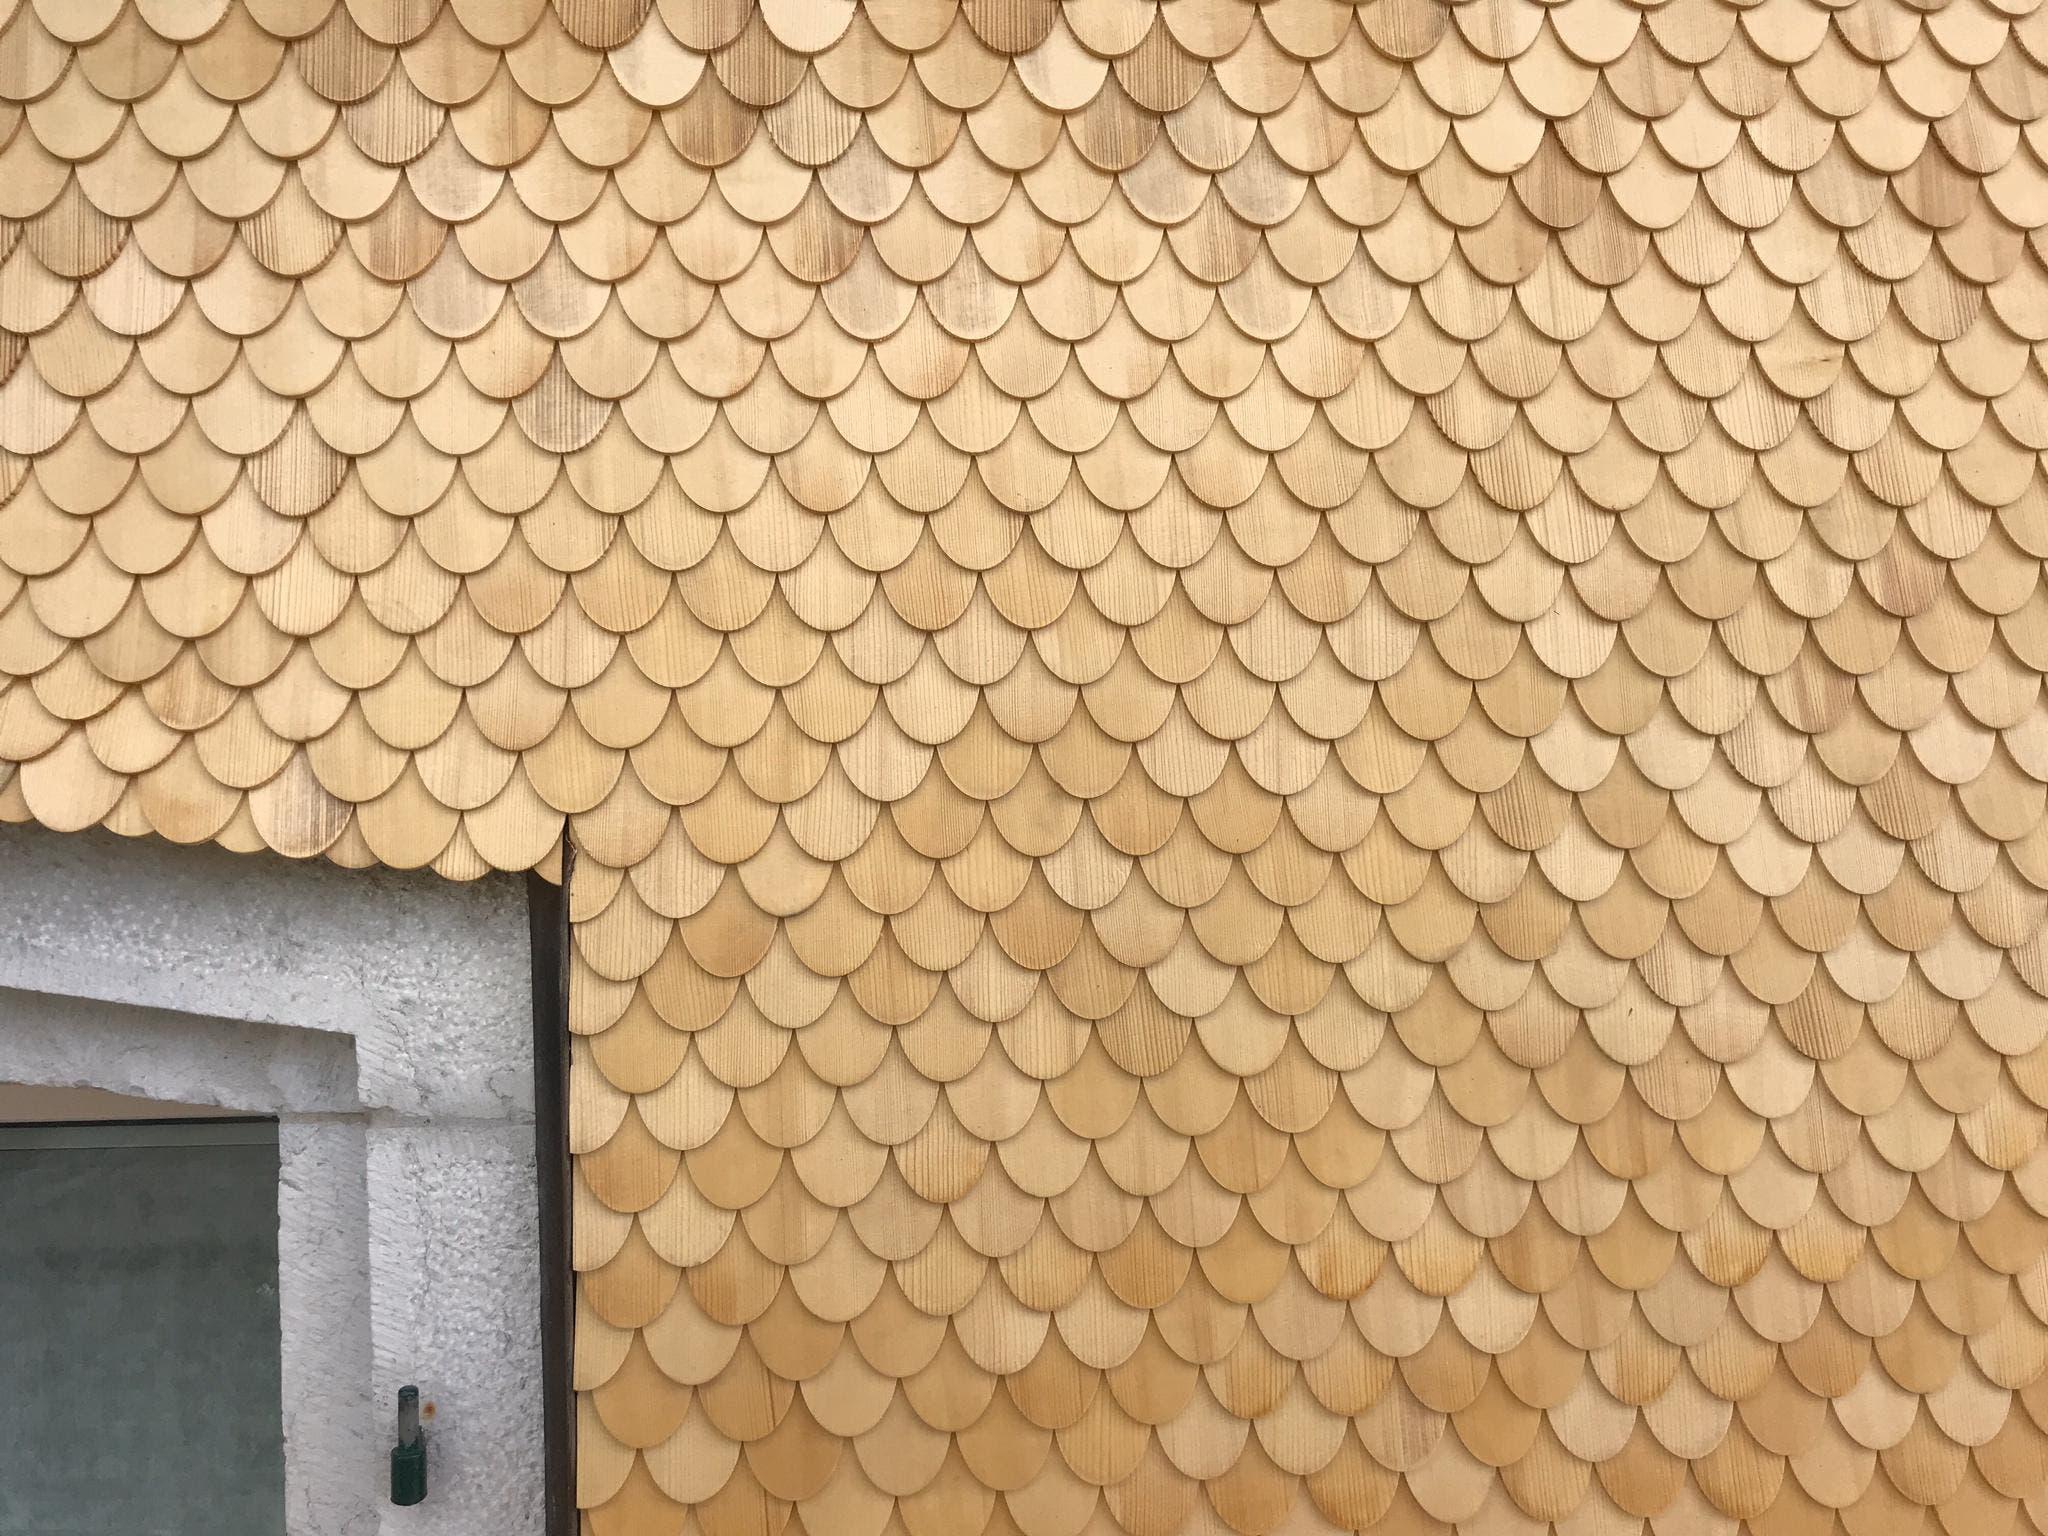 Mit solchen kleinen Holzschindeln wird die West-Fassade des Polizeipostens neu eingedeckt.